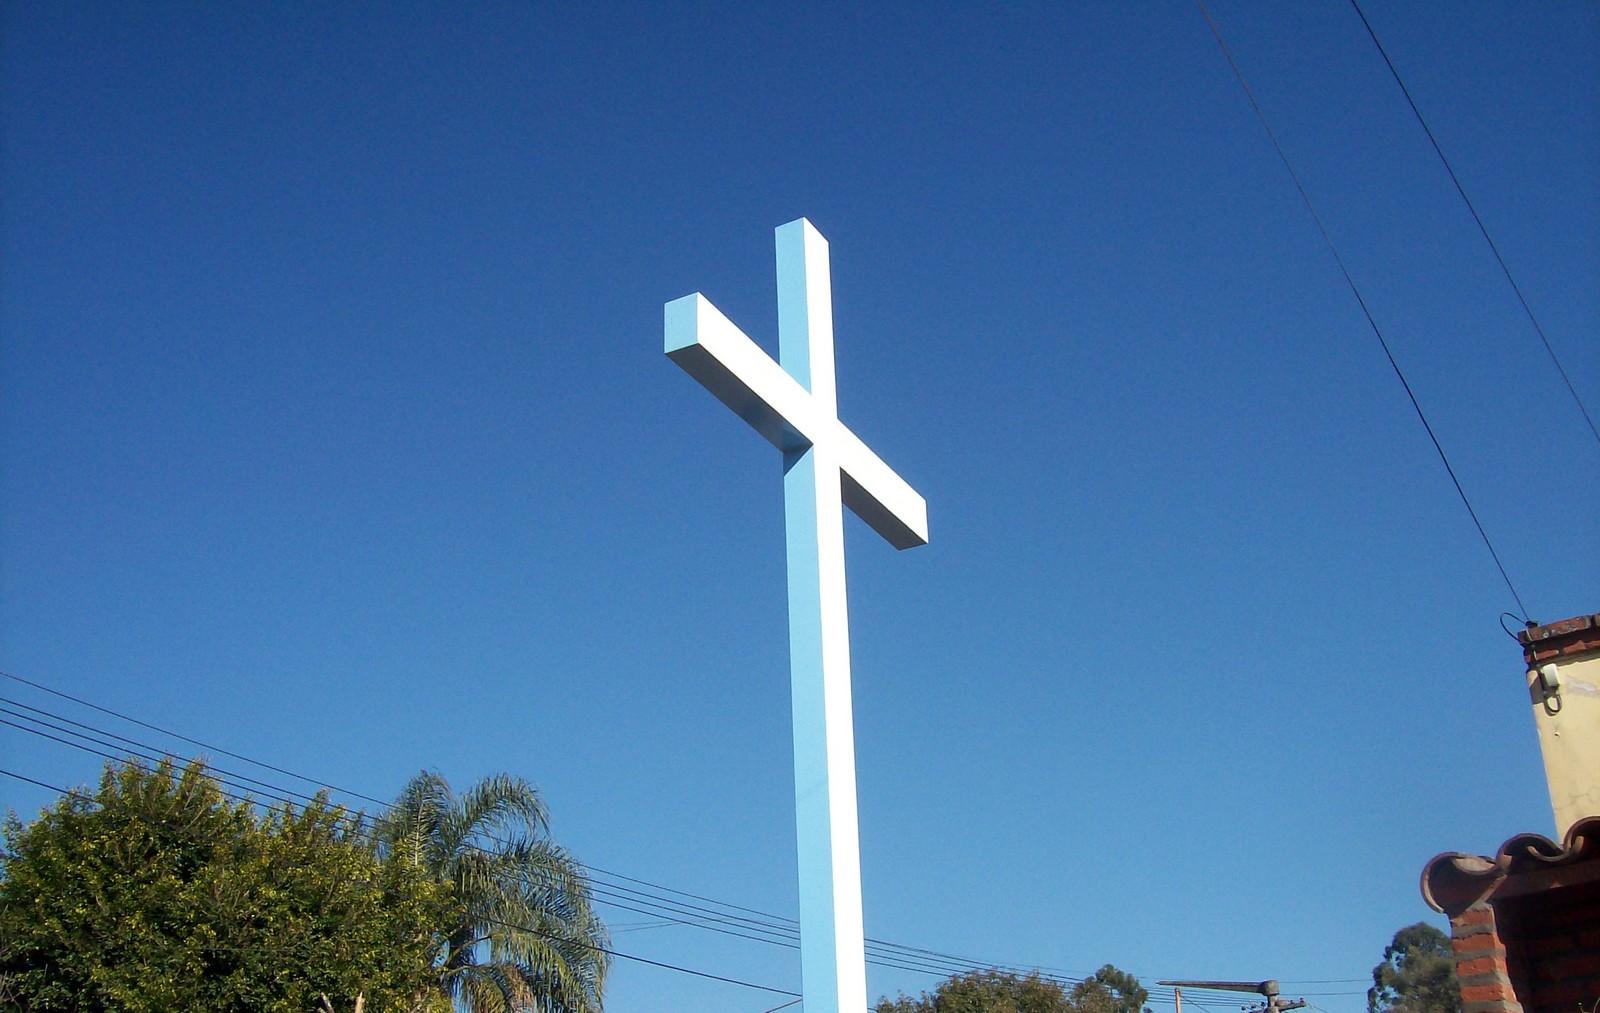 La Cruz Gloriosa de Dozule, Jesús la Llamó a Construir Cruces Gigantescas, Francia (12 abr)